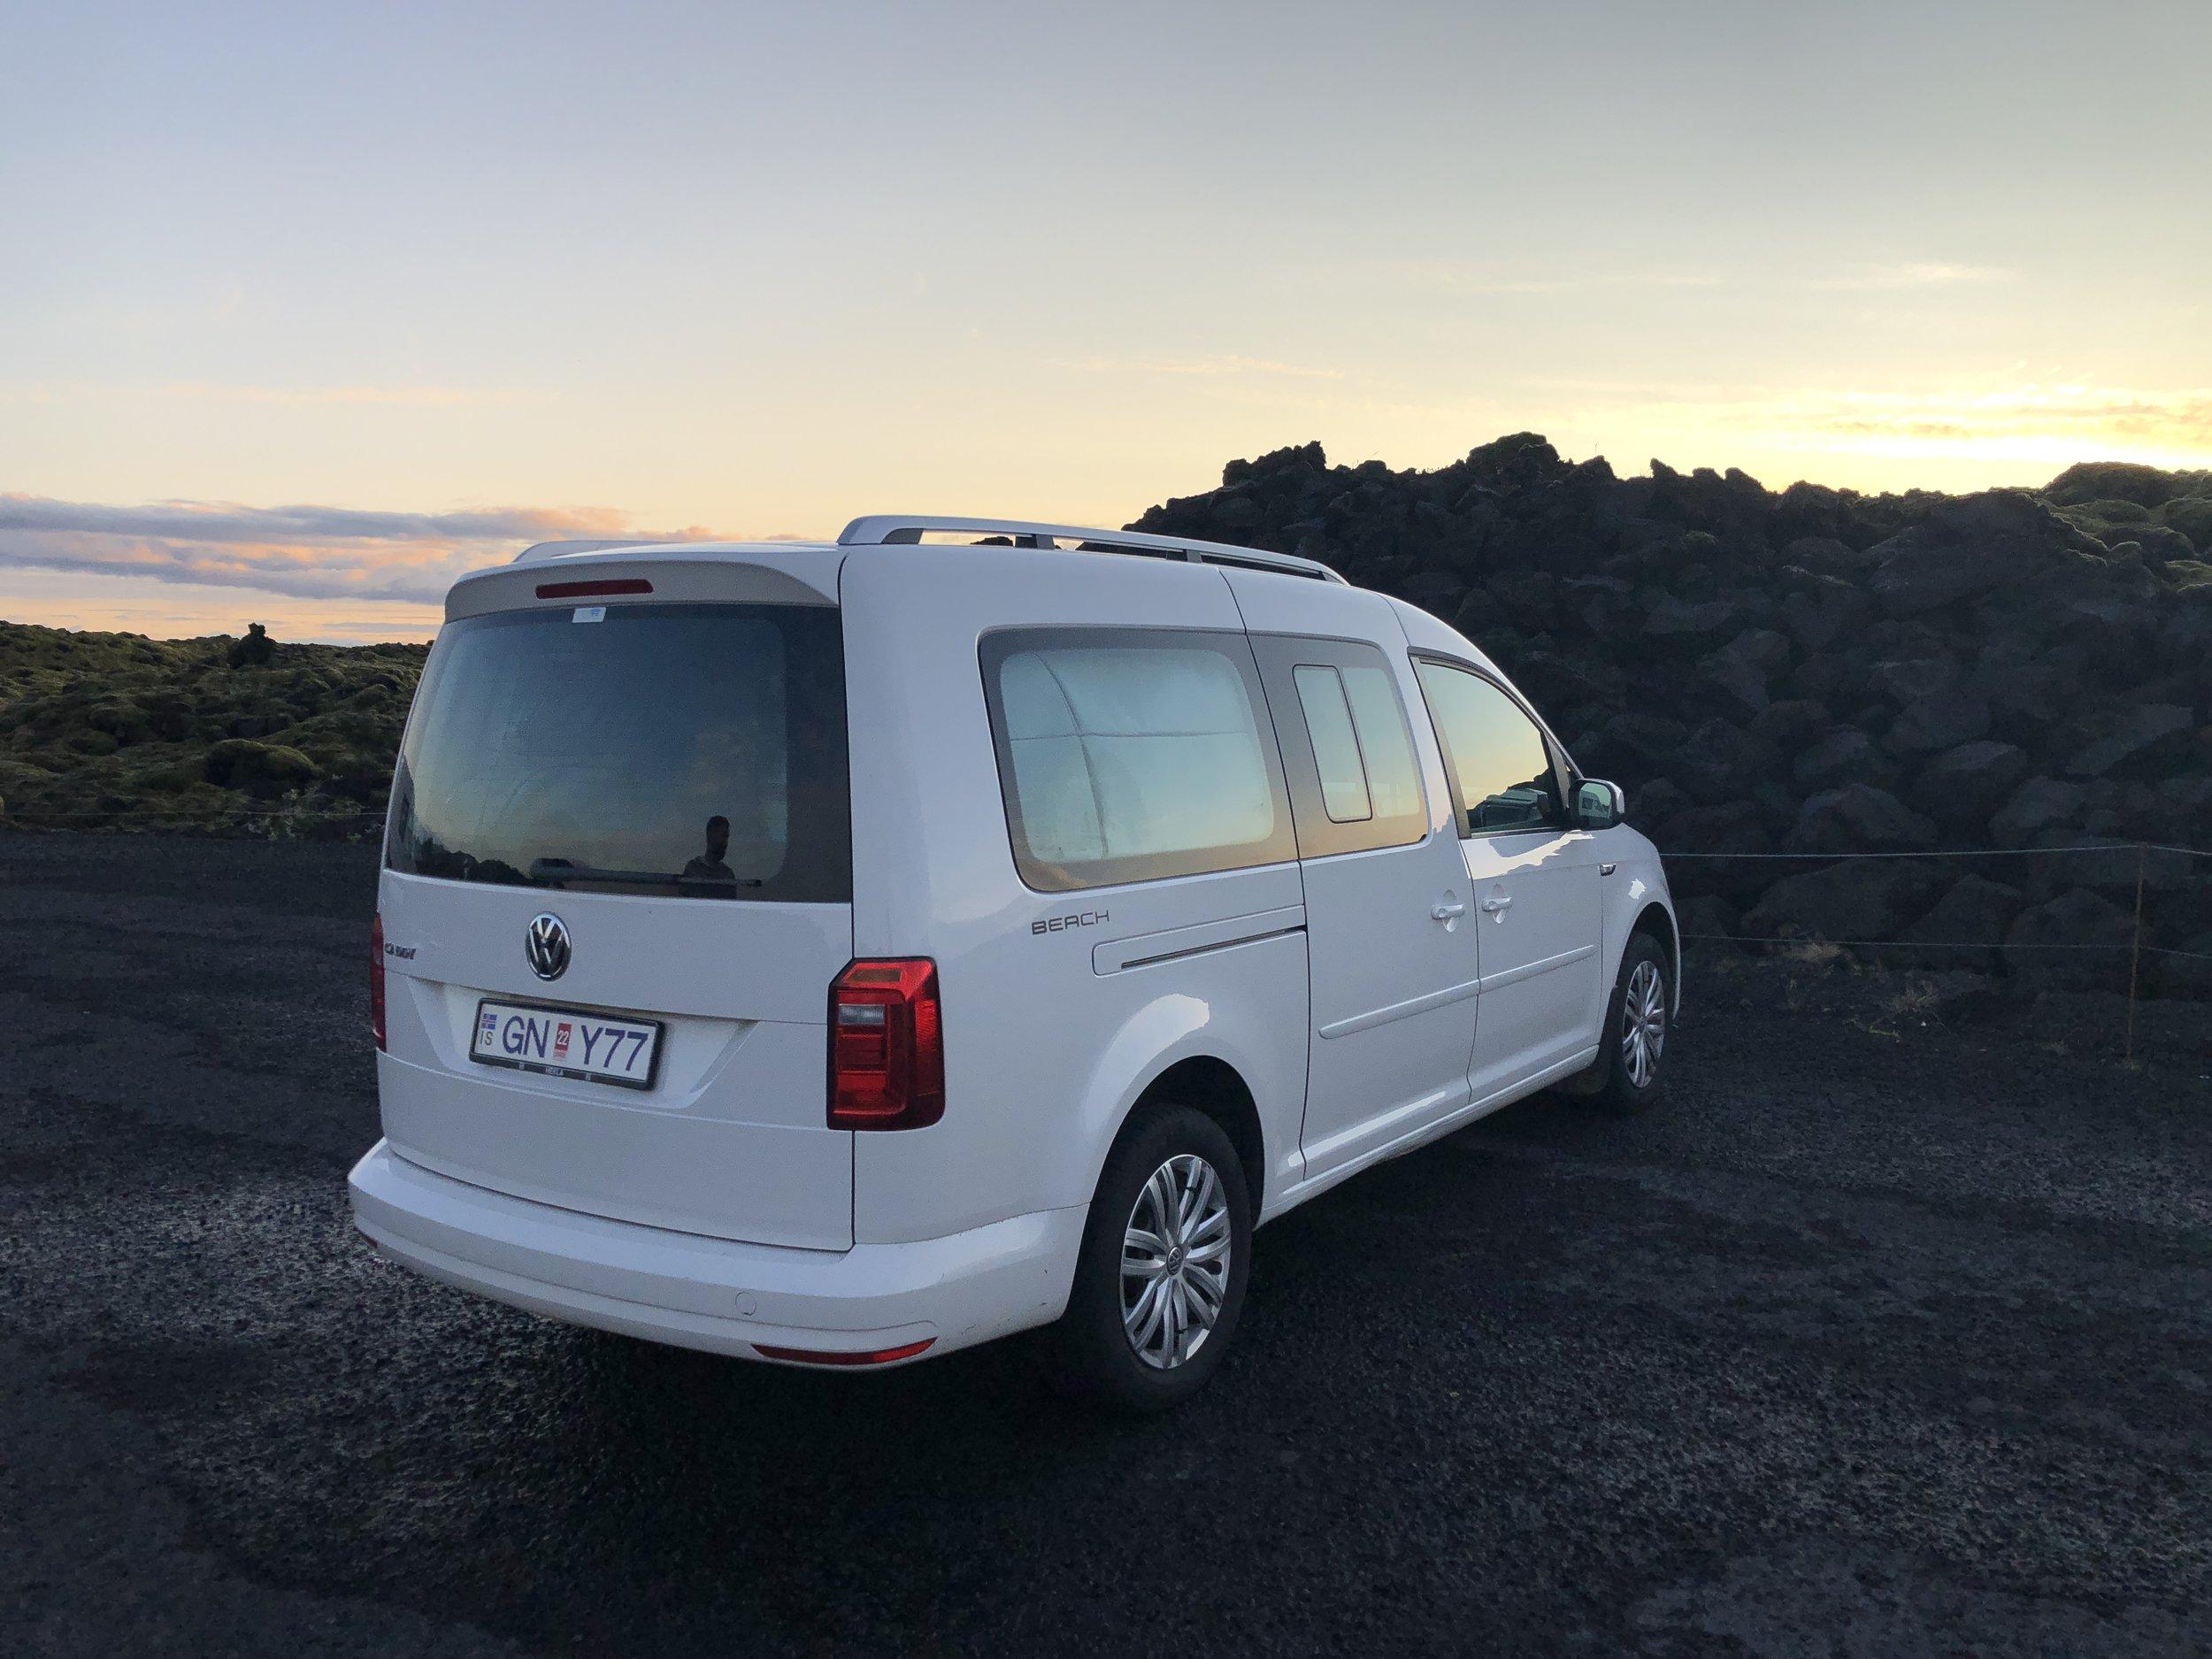 camping-iceland-van-camper